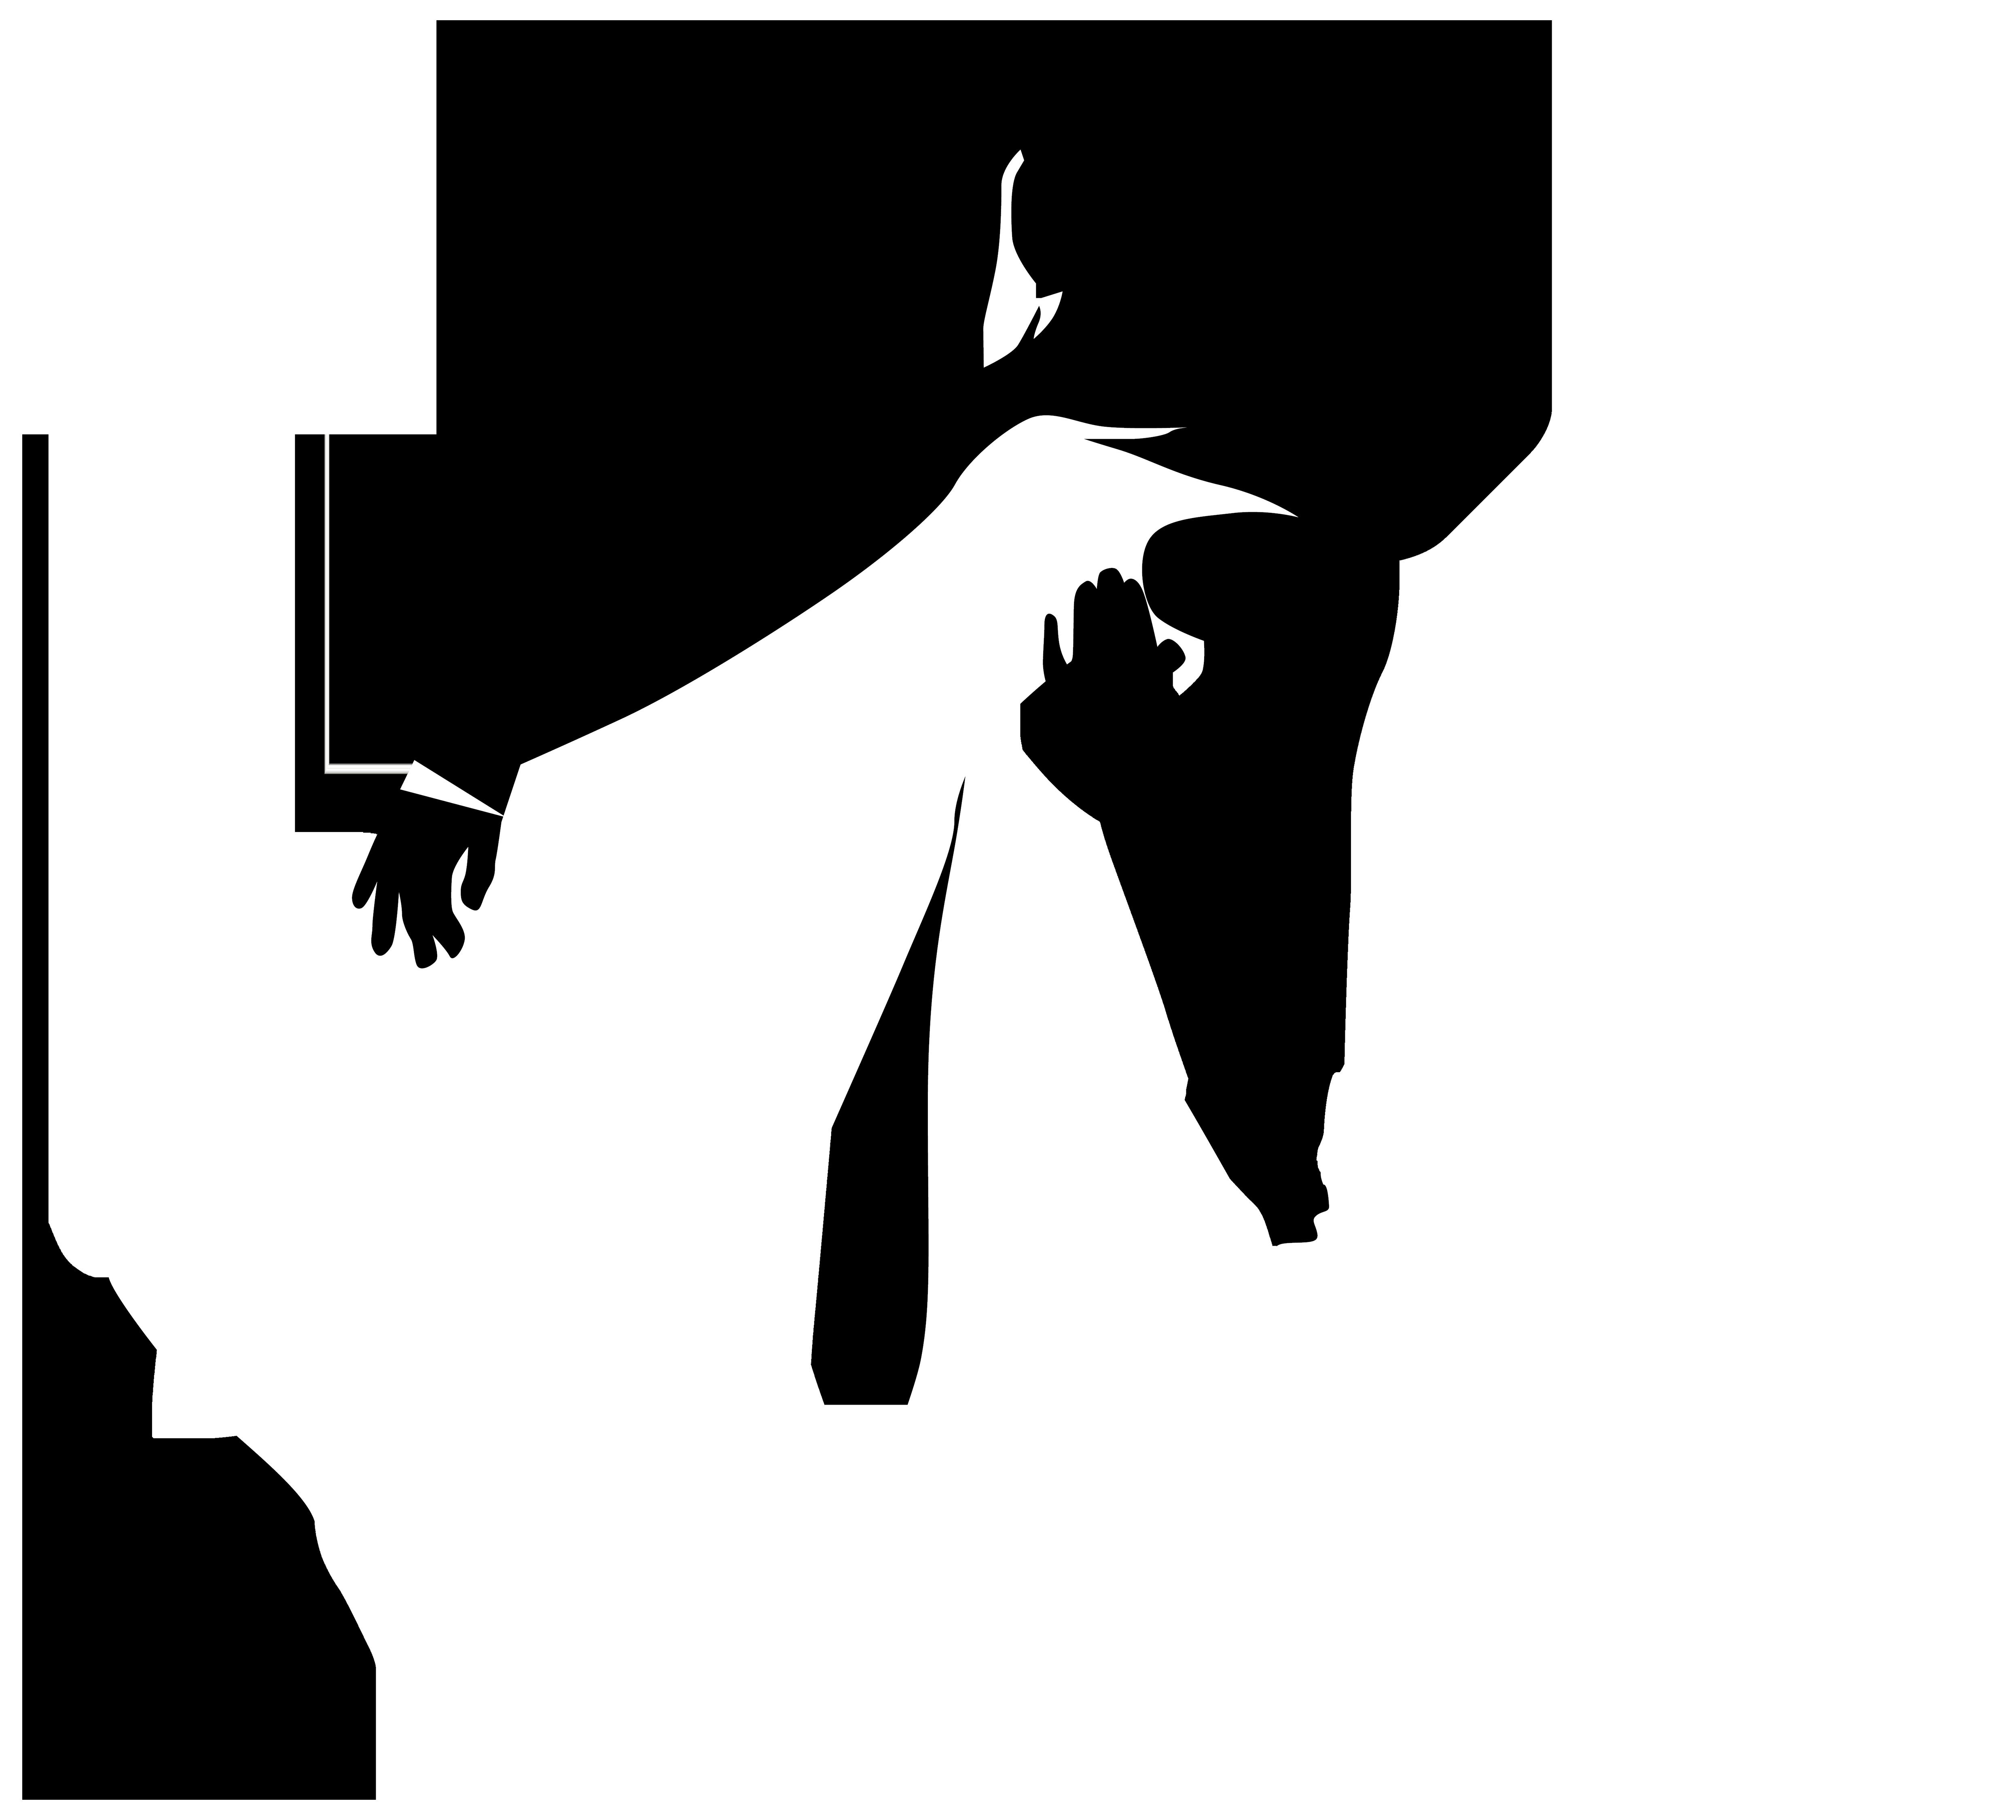 Kissing bridal silhouettes.